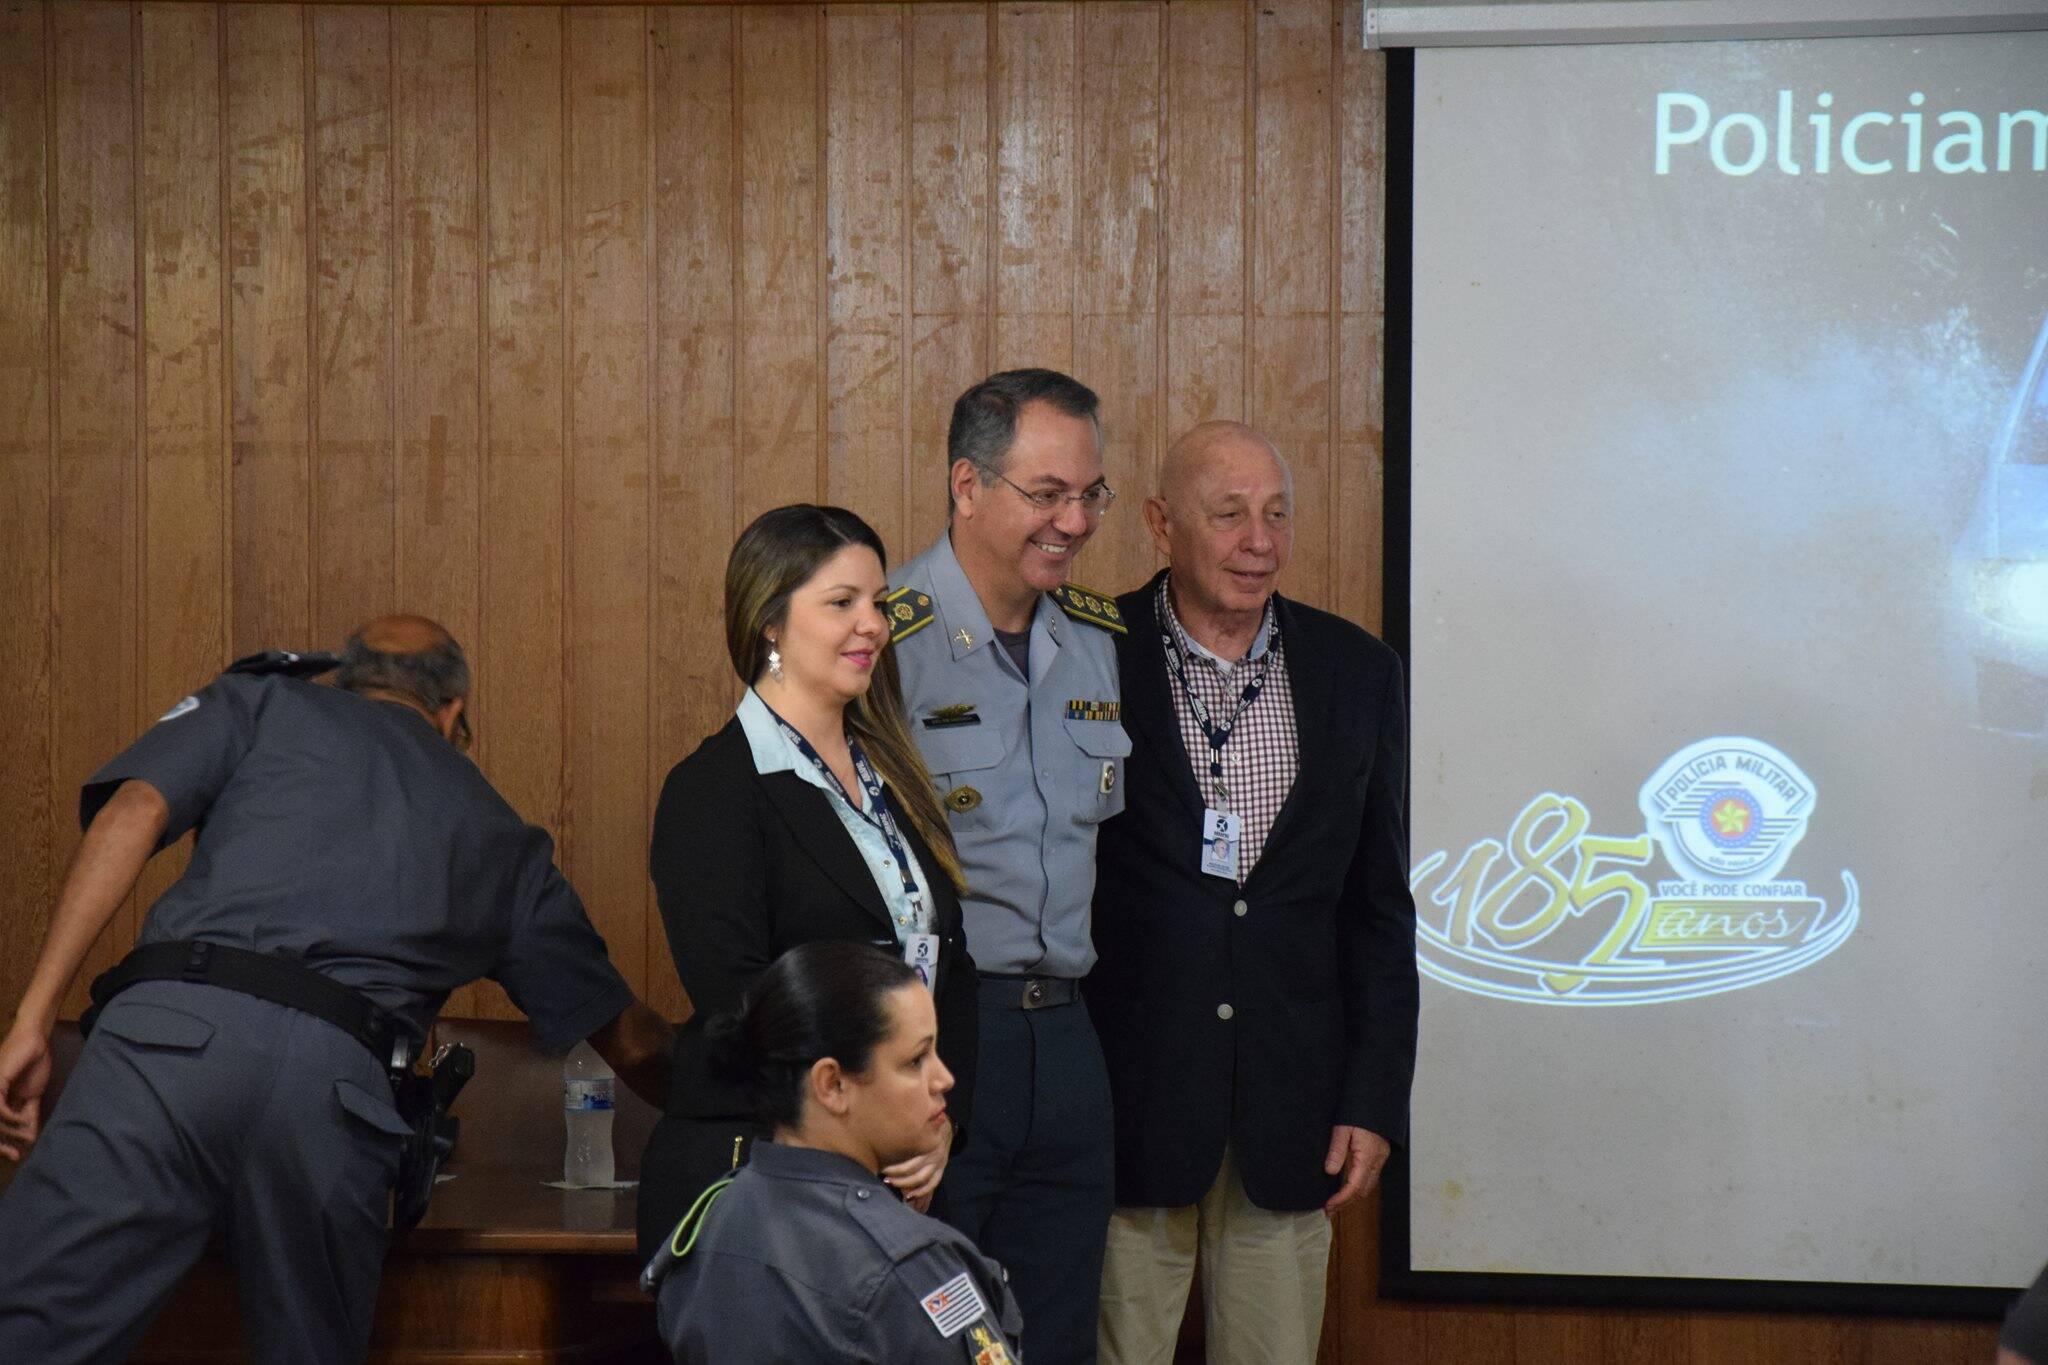 Membros da ABRAPAC agradeceram ao trabalho realizado pelos PMs. Foto: Divulgação/Polícia Militar Ambiental